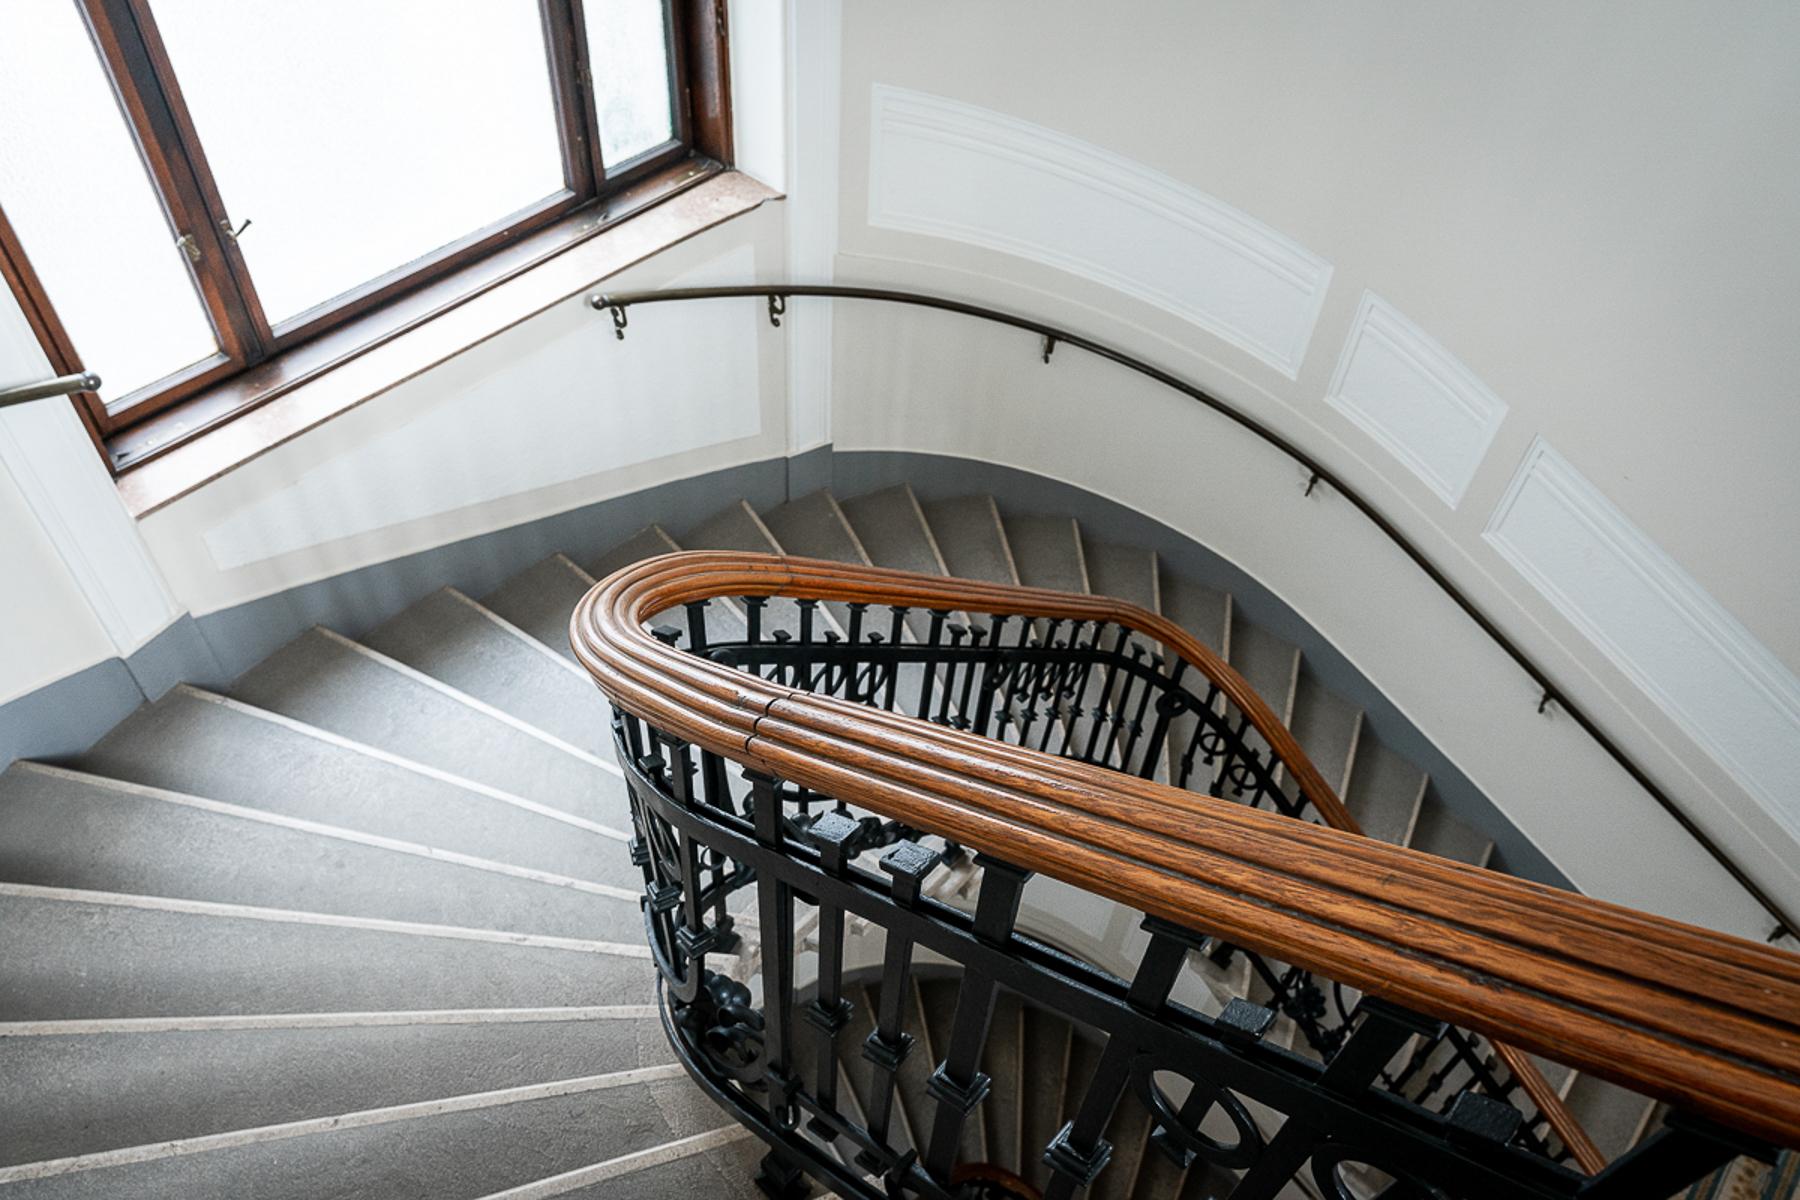 Stiegenhaus Wien